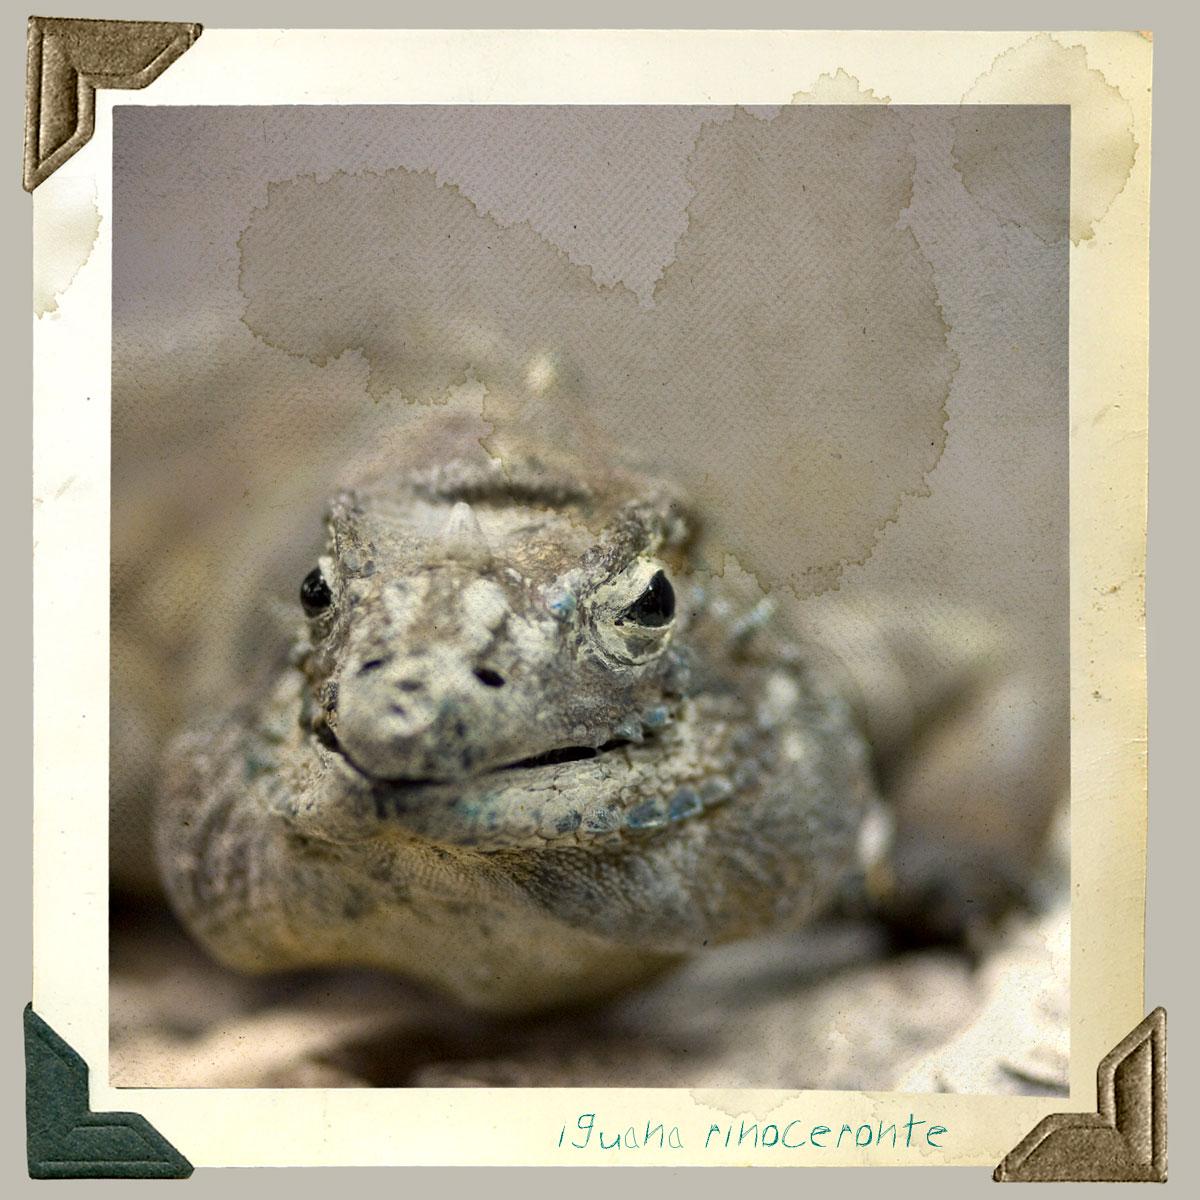 iguana riniceronte animal disecado anaima